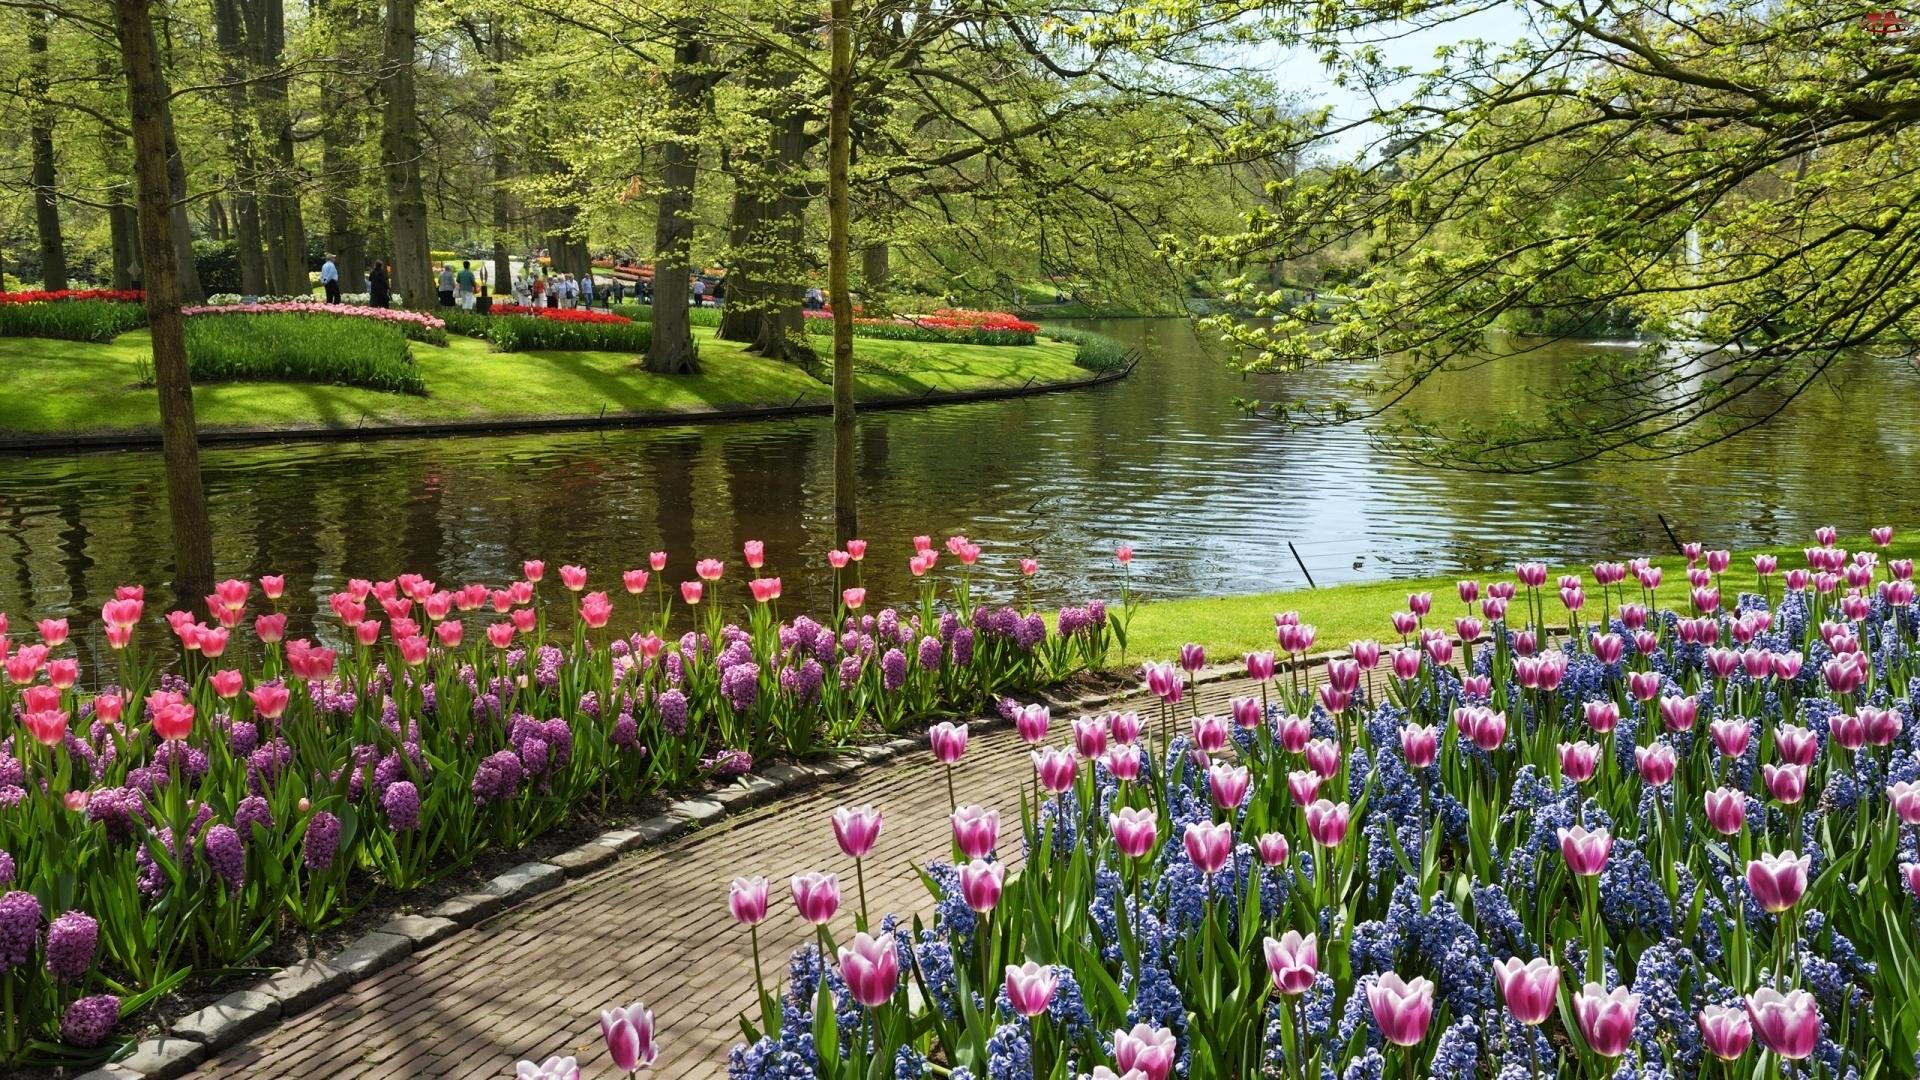 Ścieżka, Park, Drzewa, Rzeka, Tulipany